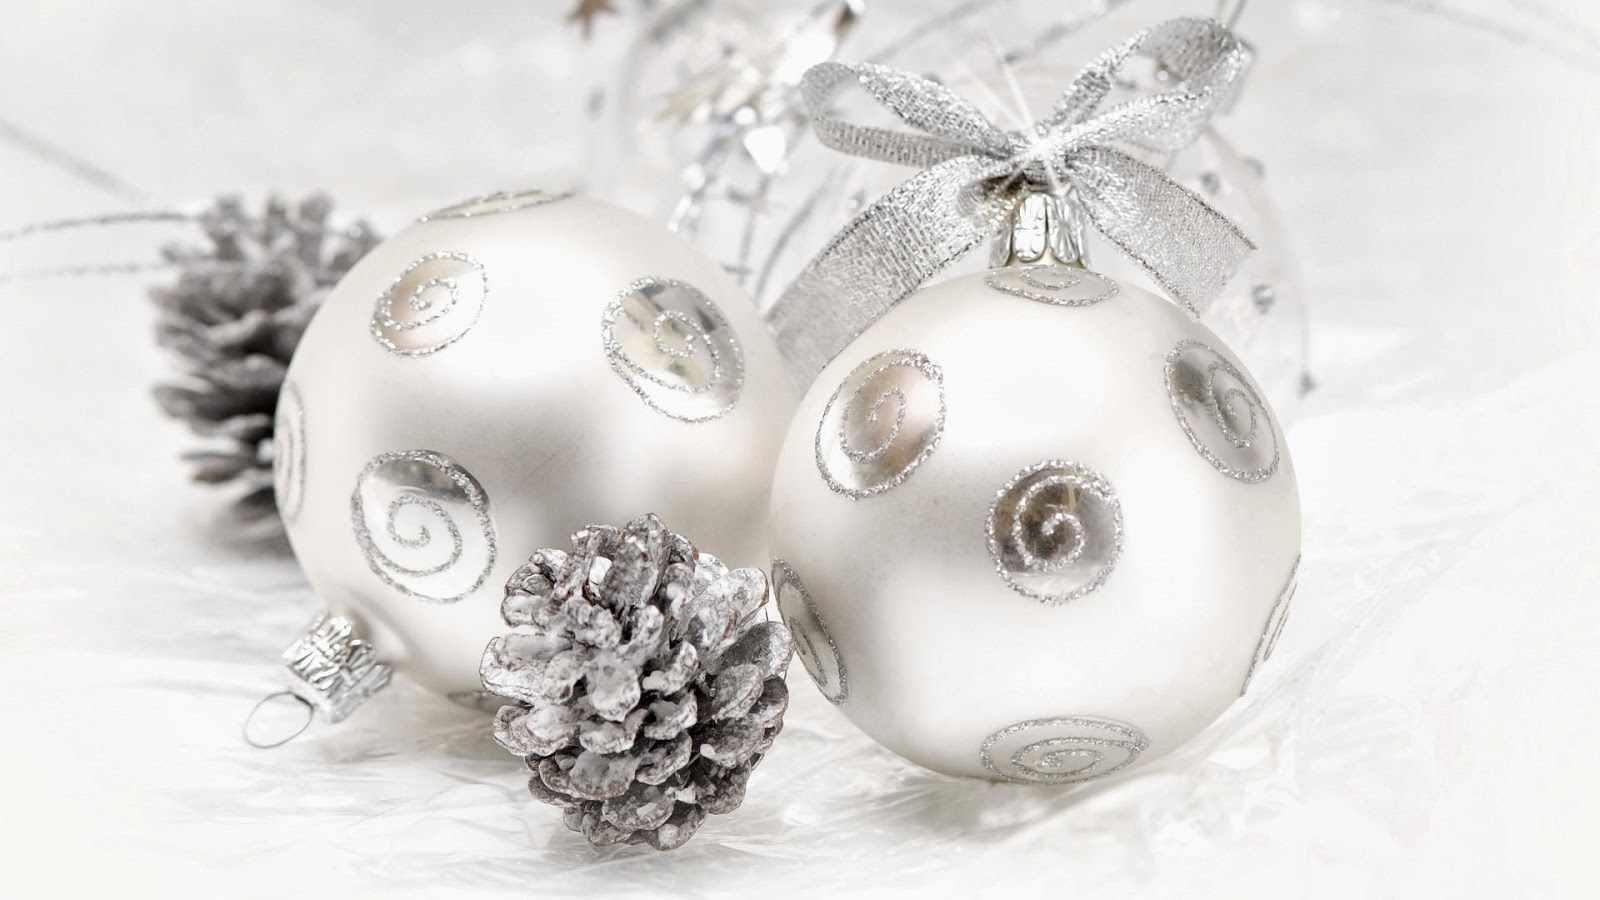 Imagenes hilandy fondo de pantalla navidad bolas de plata - Bola de navidad con foto ...